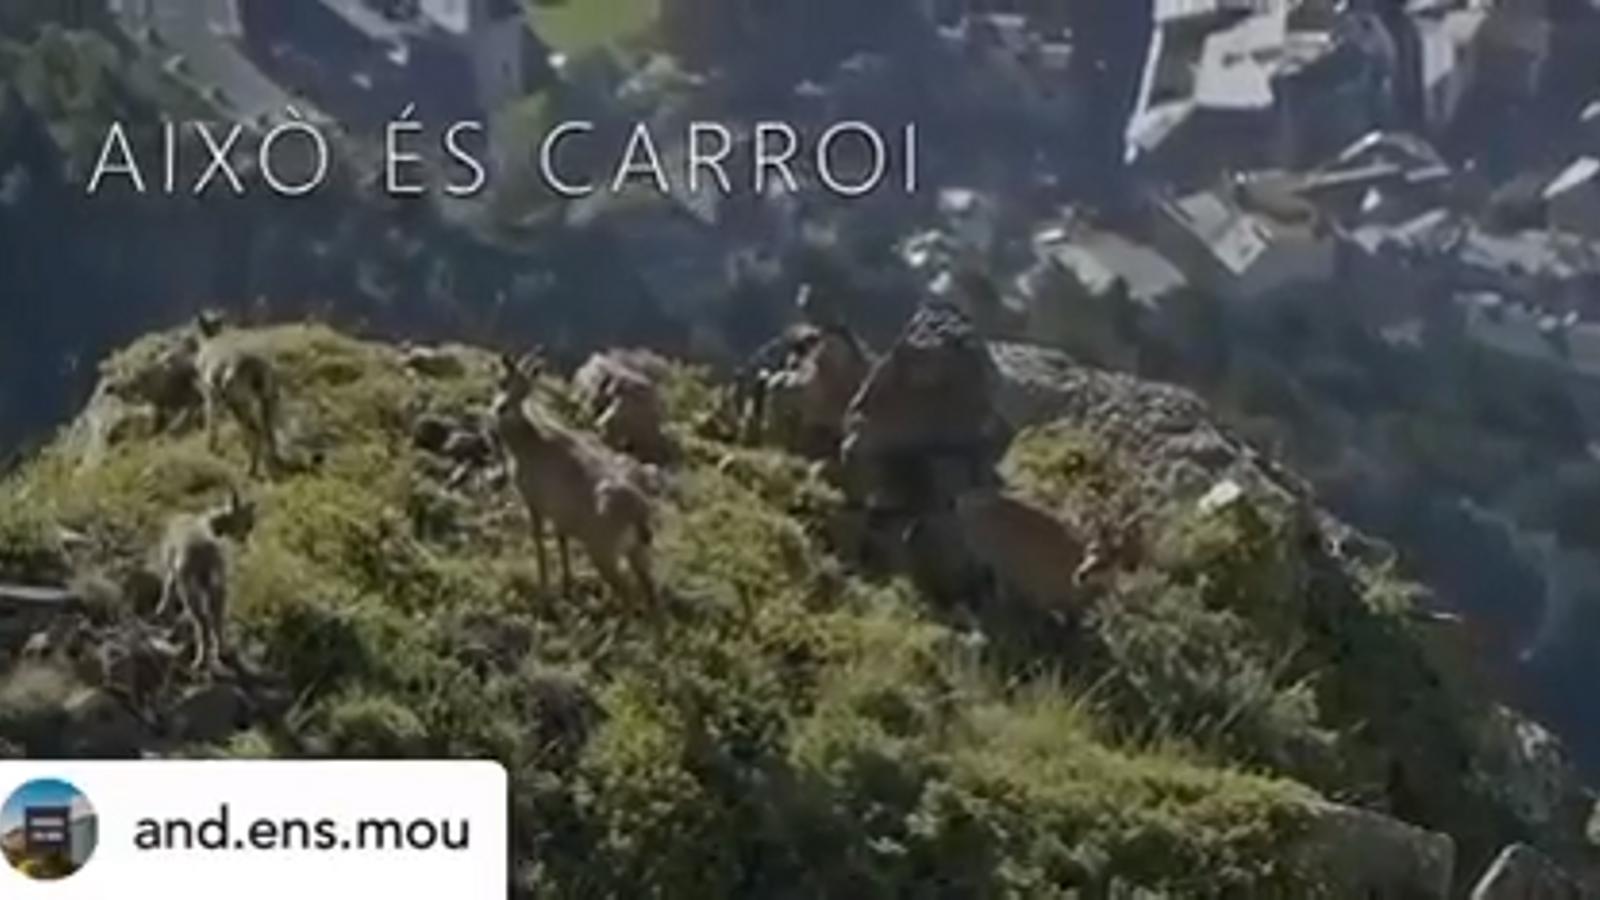 Vídeo d'Apapma de la fauna al pic de Carroi